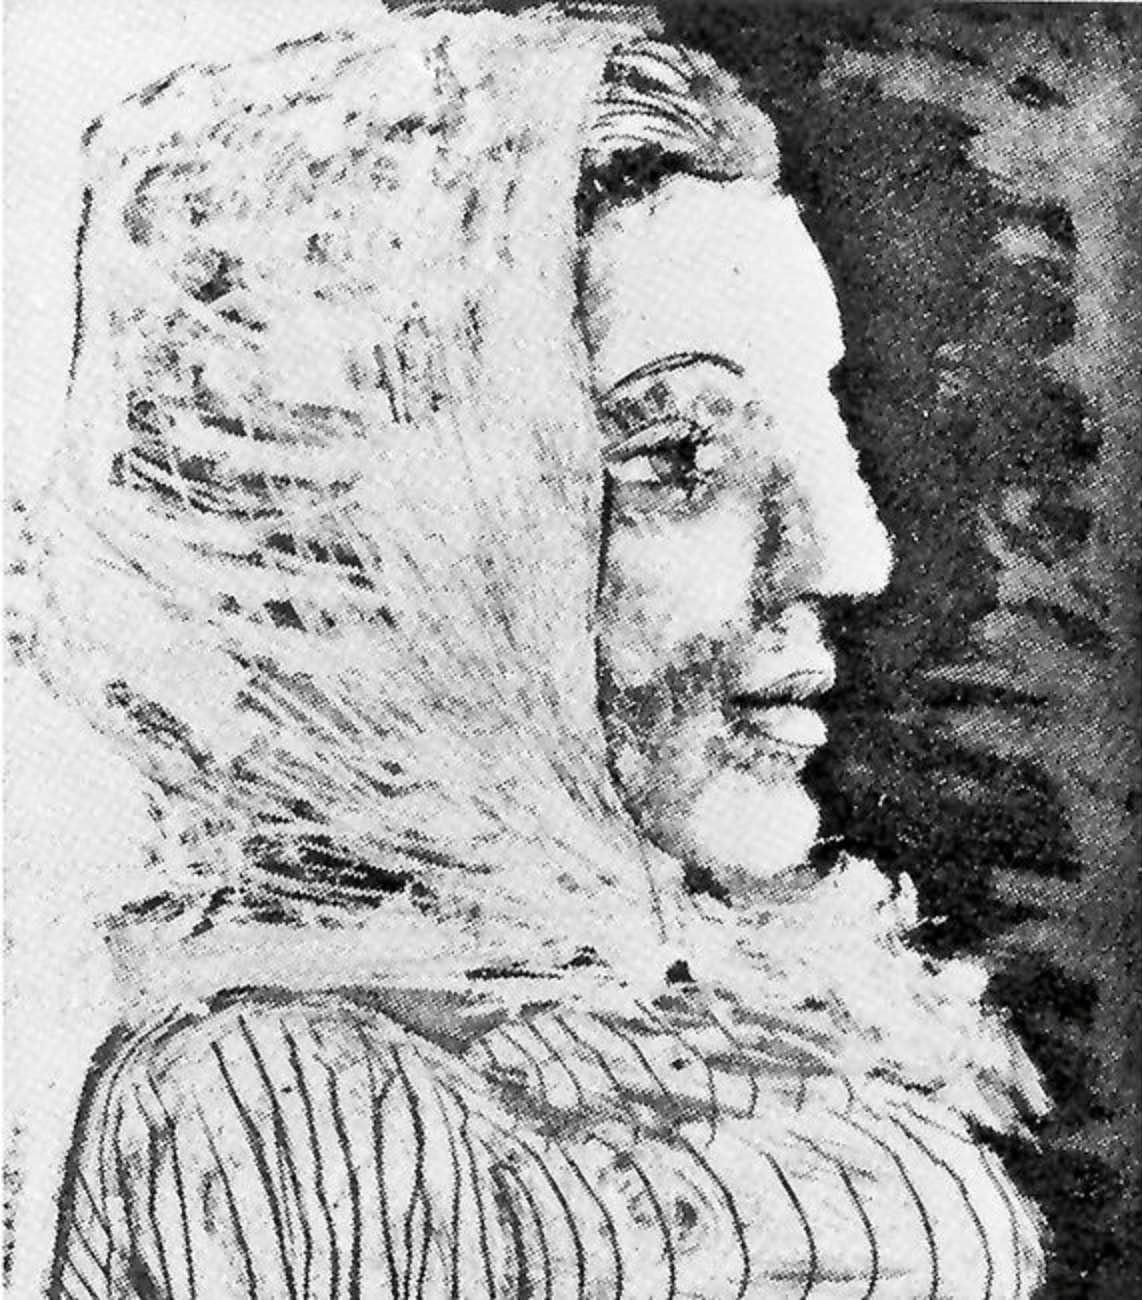 Buste de Femme au Fichou by Picasso